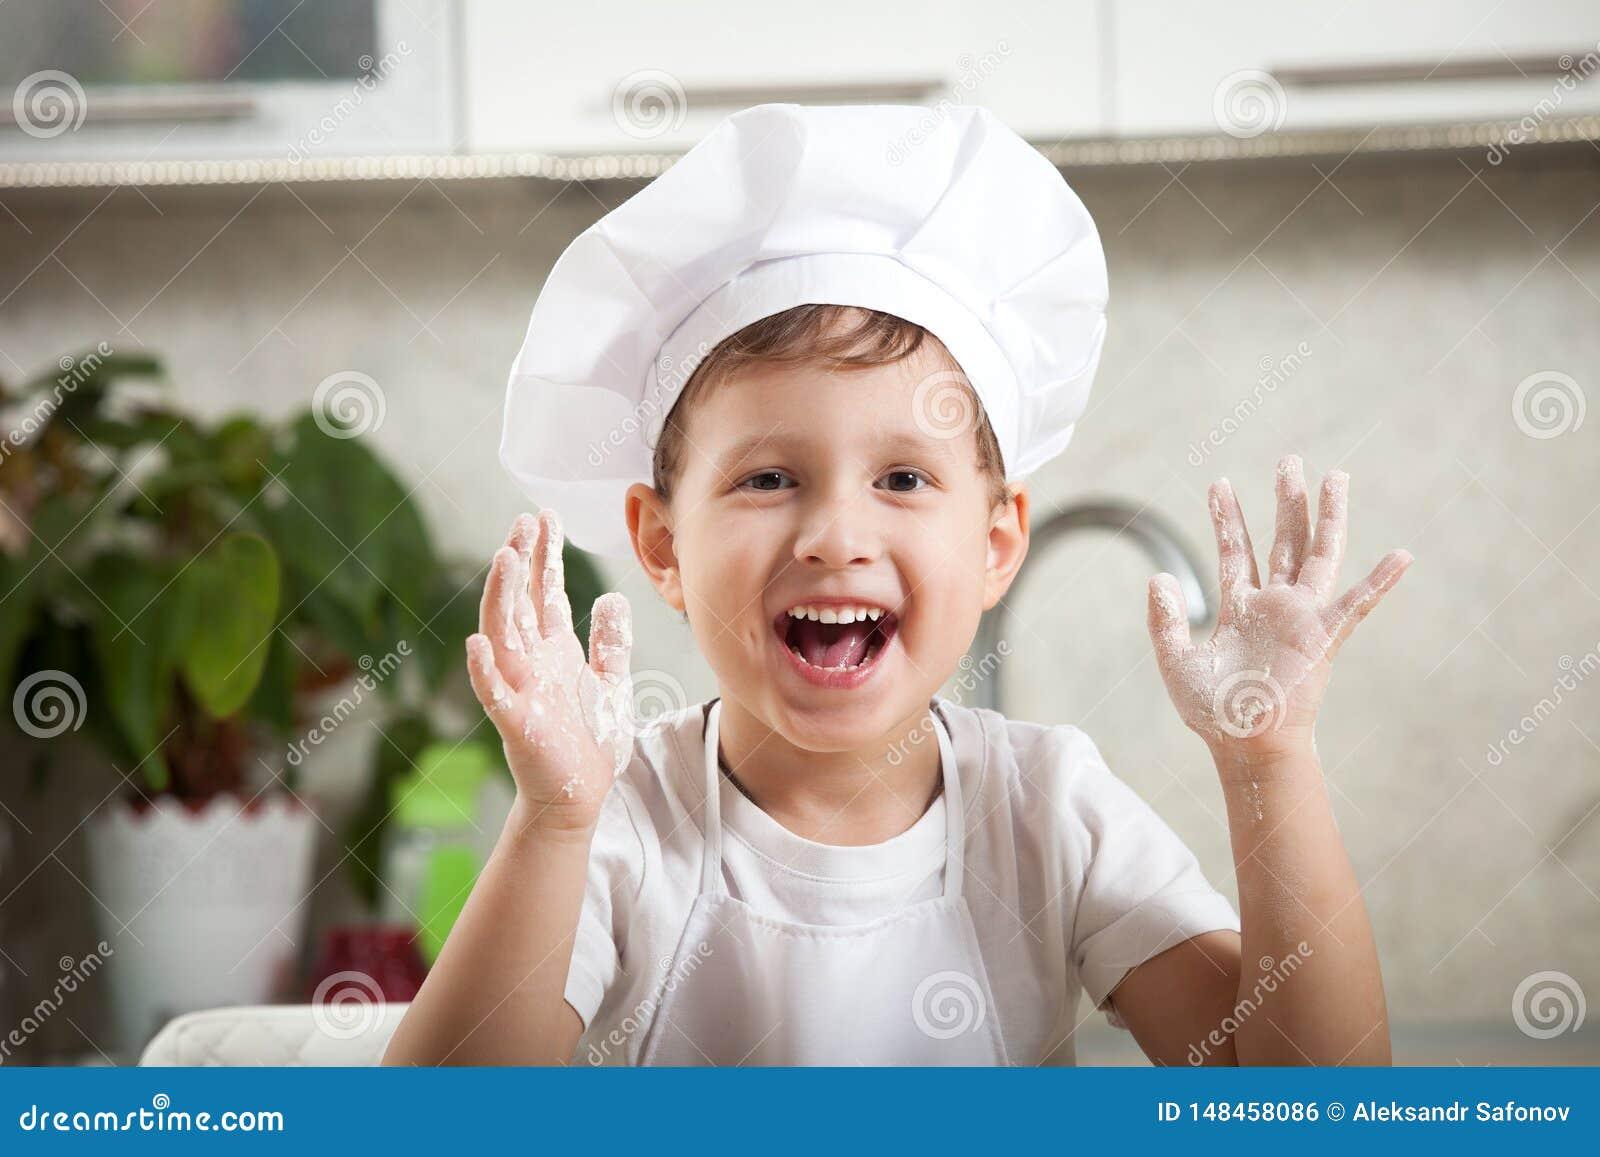 滑稽的婴孩用面粉,愉快的情感男孩微笑愉快地